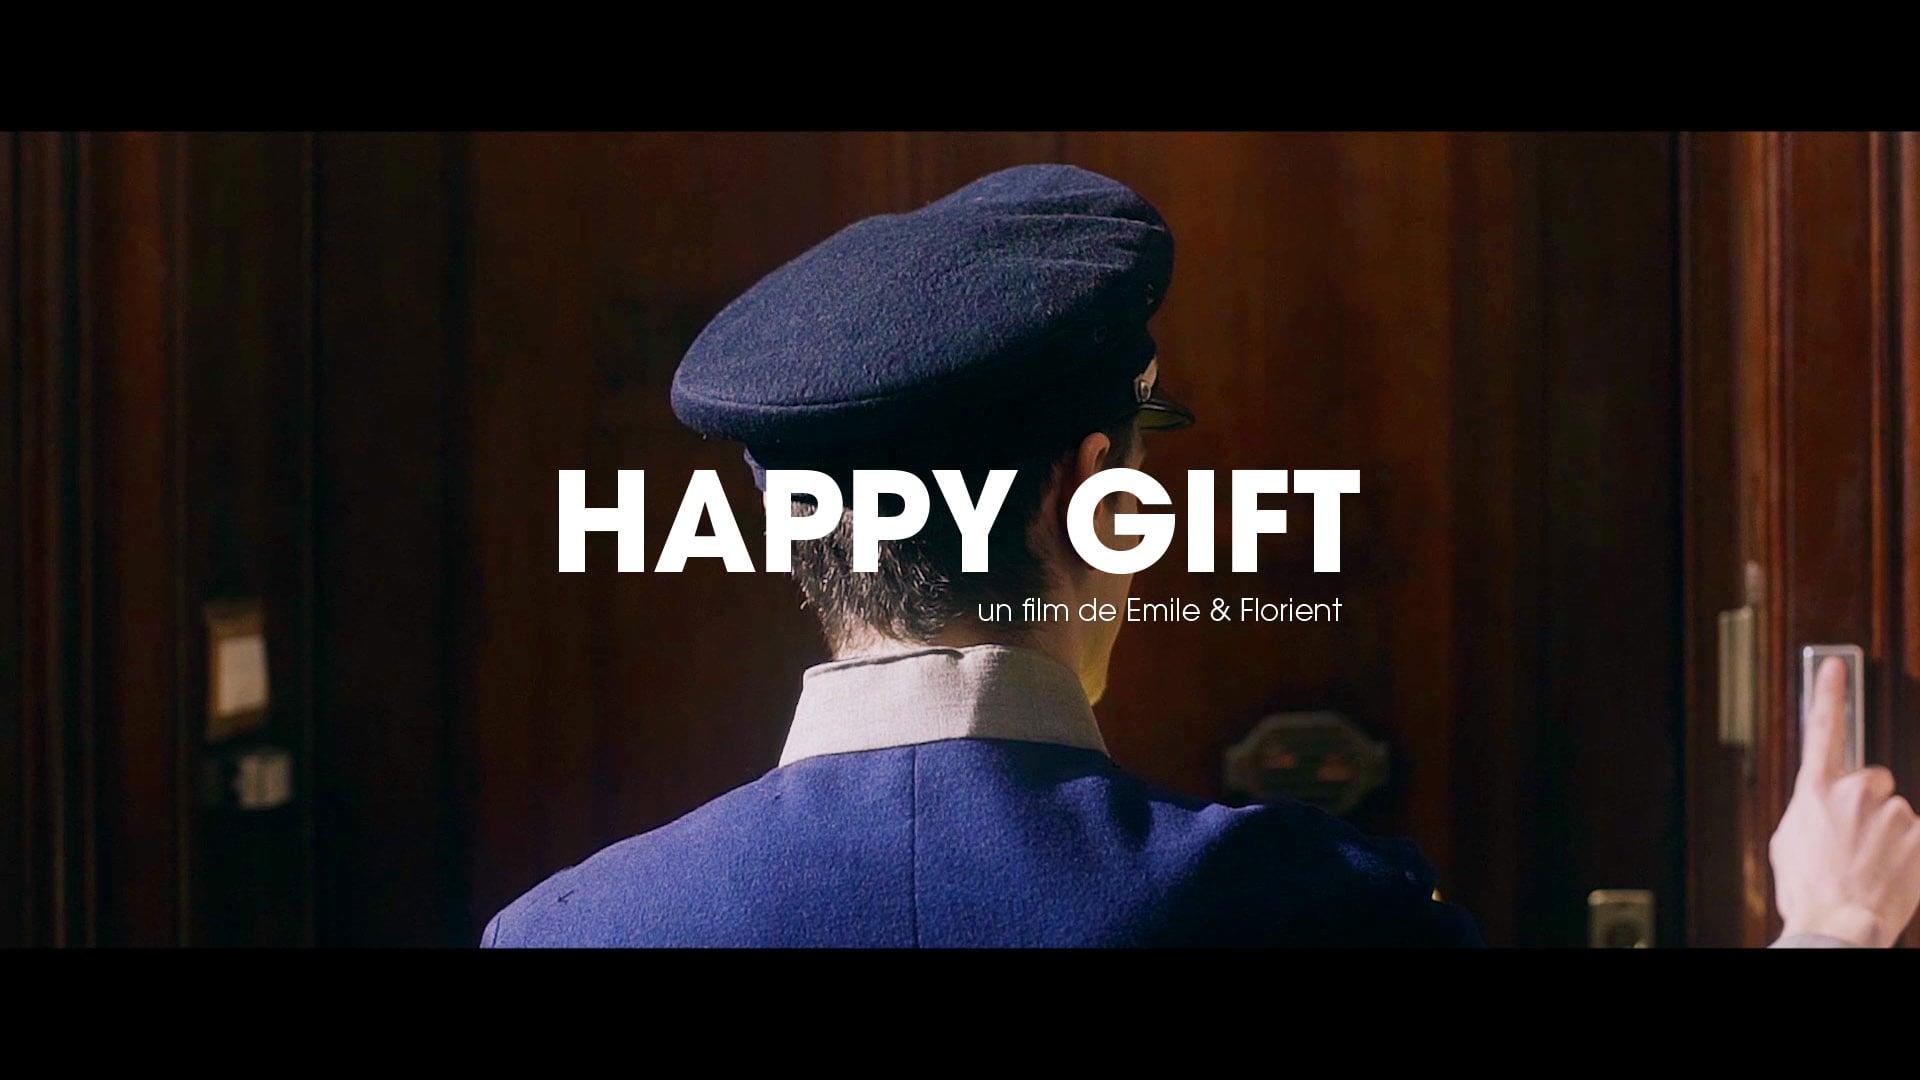 Je suis happy gift - Nikon Film Festival